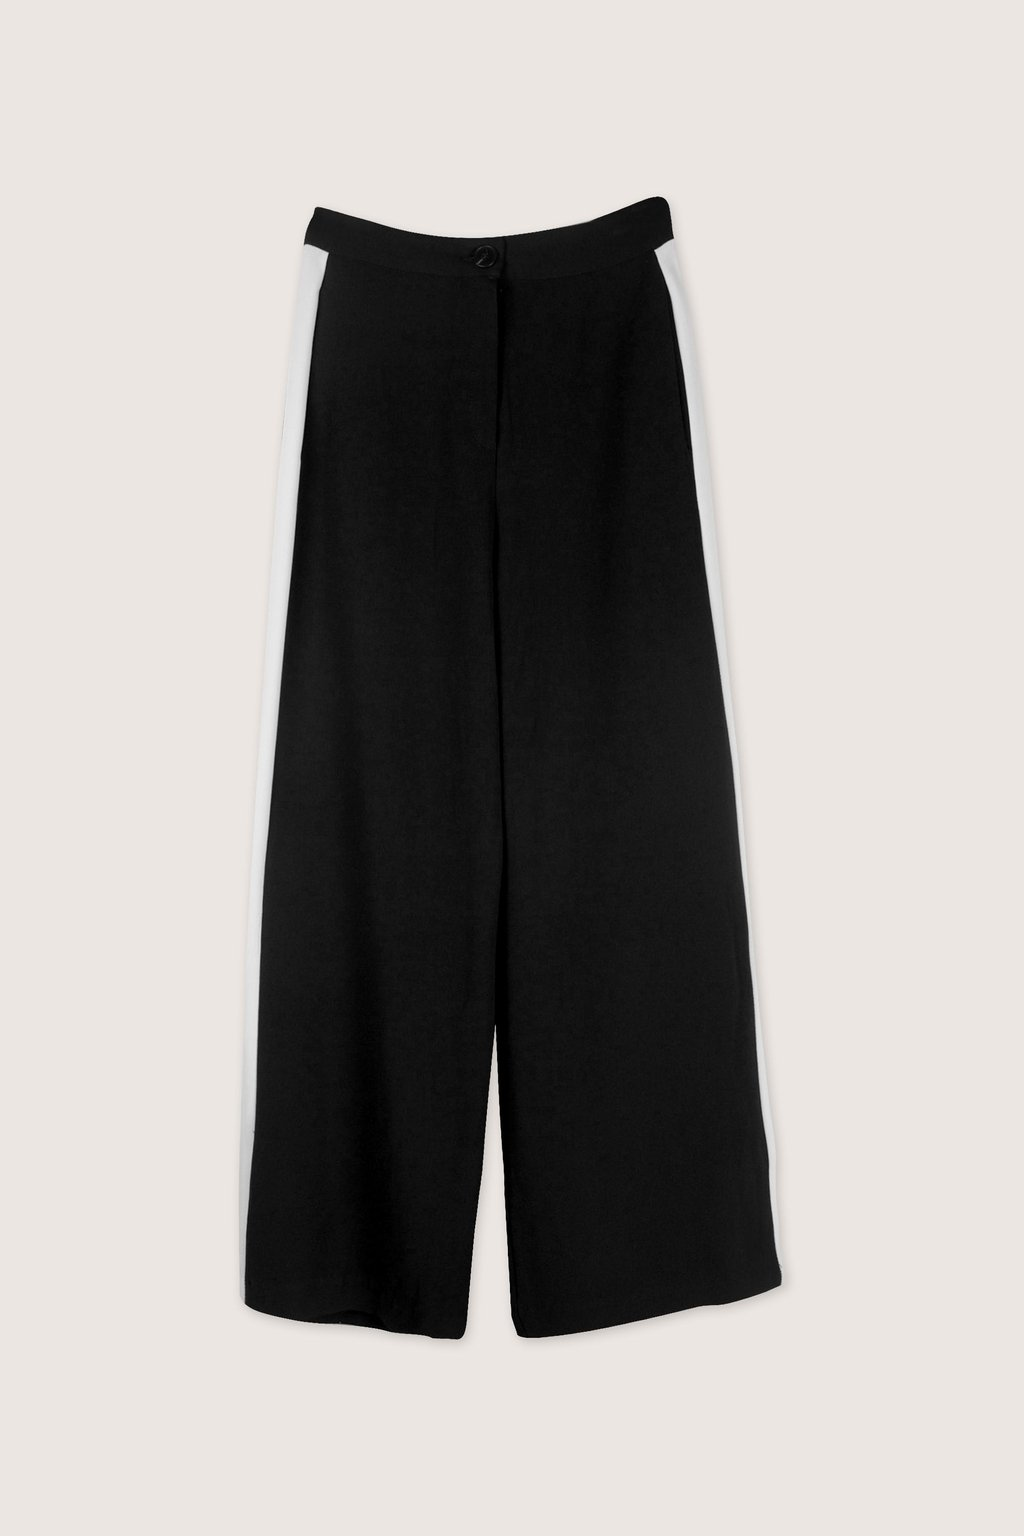 Pant H189 Black 7